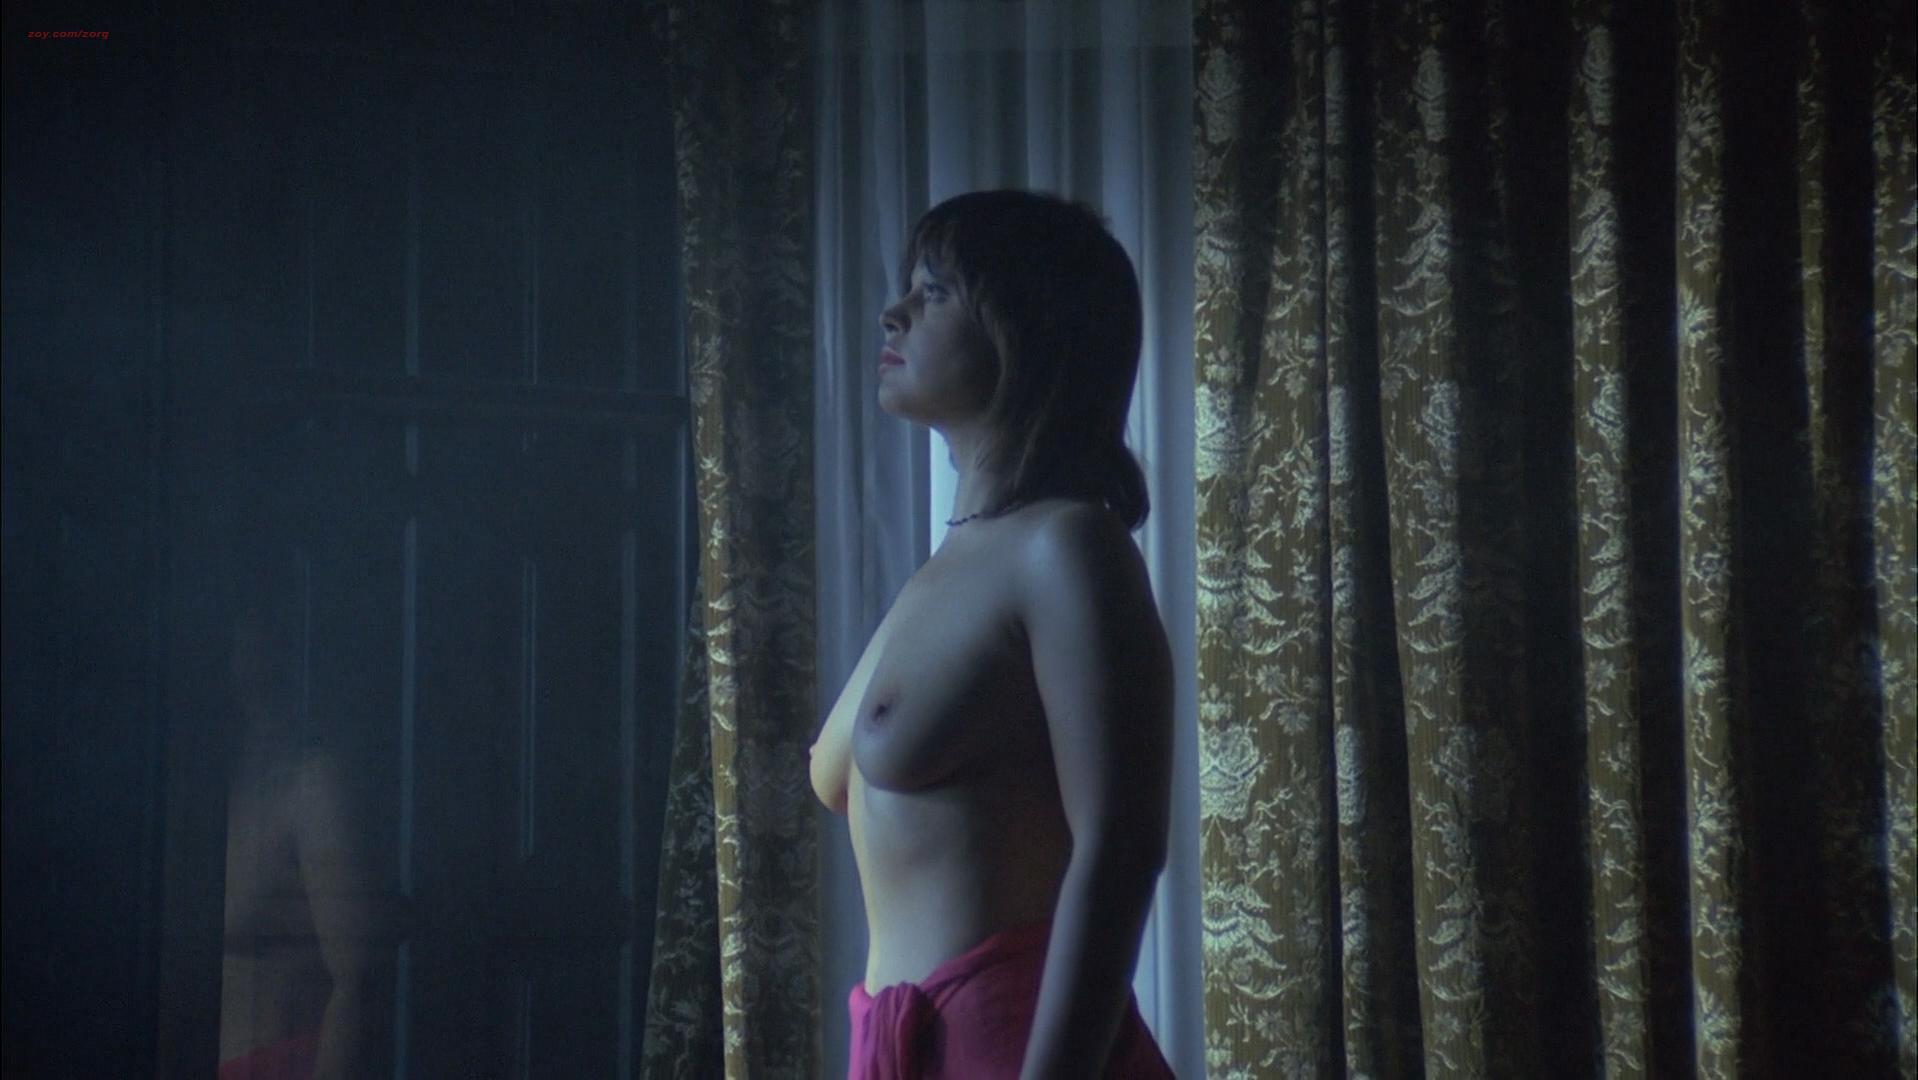 Ann-Beate Engelke nude, Nadja Gerganoff nude - Bloody Moon (1981)